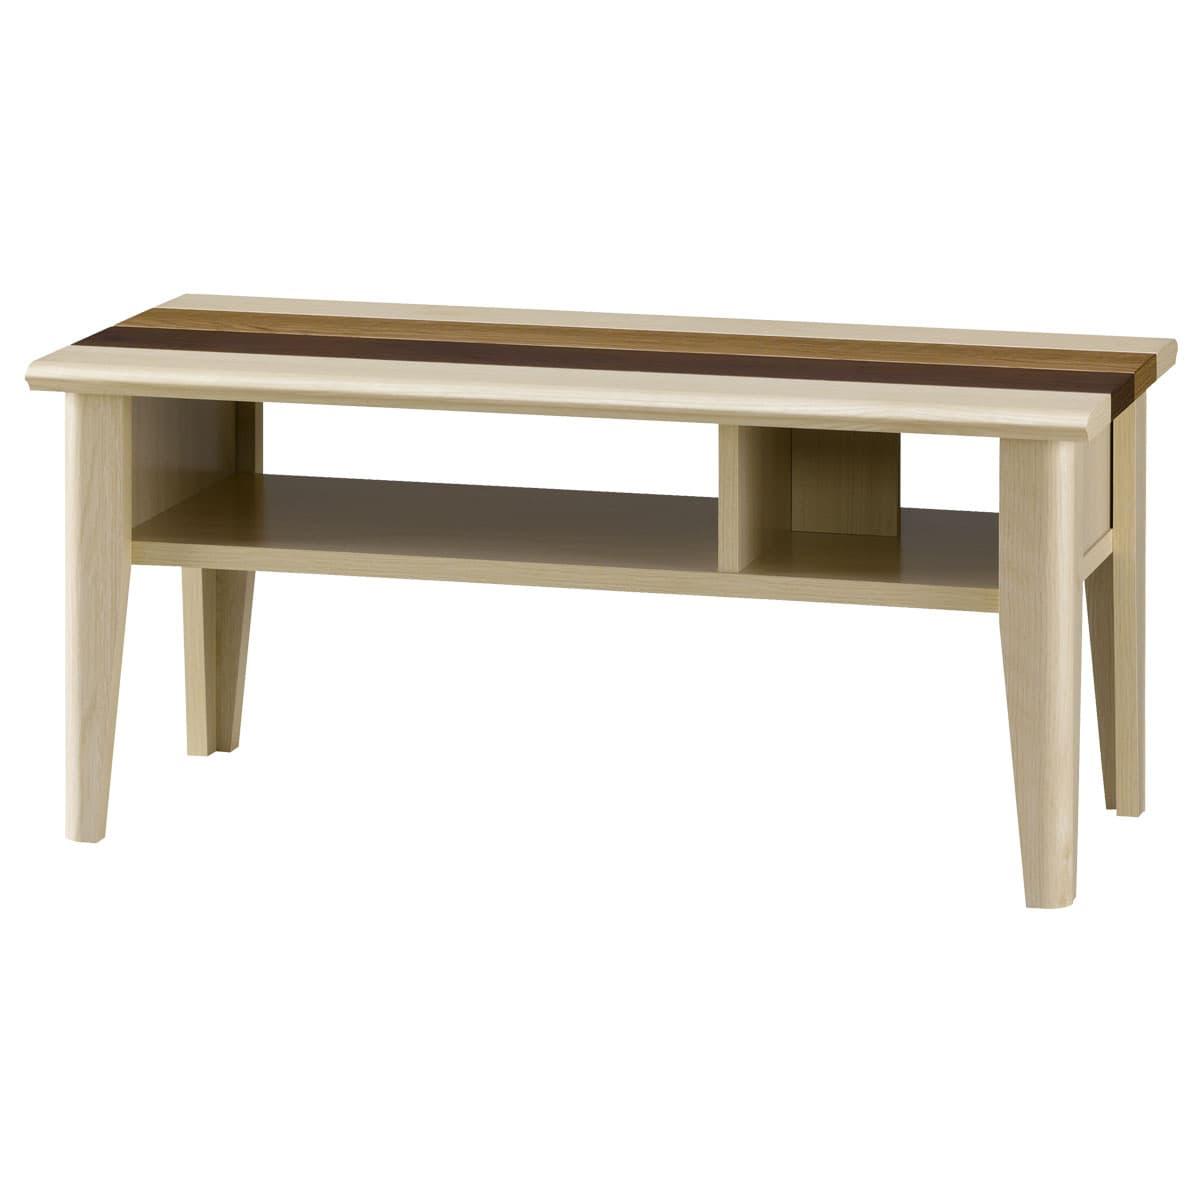 リビングテーブル オルネ ONC-3580LT:リビングテーブル